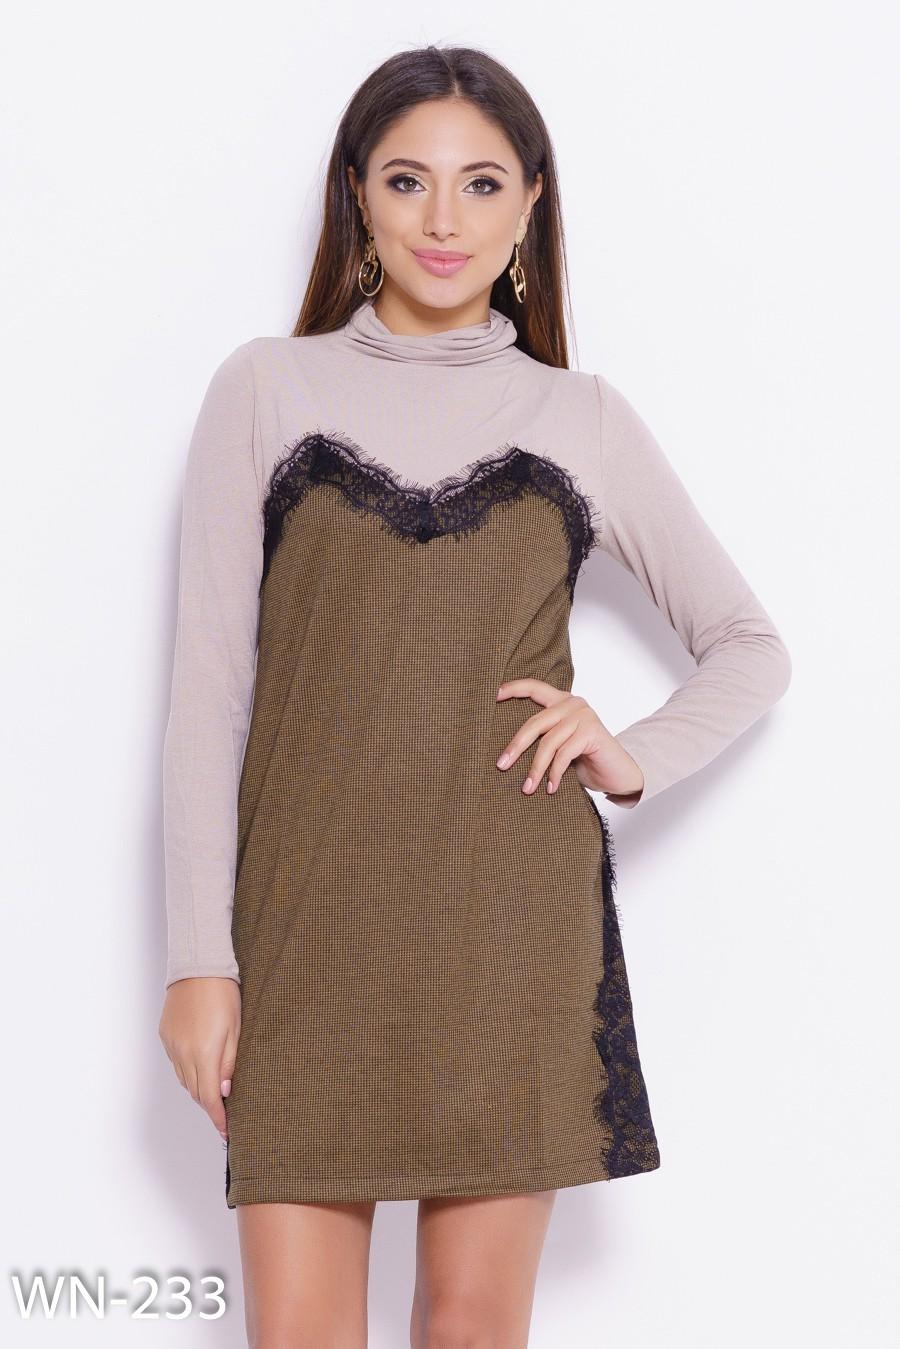 3a9ad6f6cce Комбинированное платье с кружевом и клетчатой вставкой  348 грн. фото 2 ...